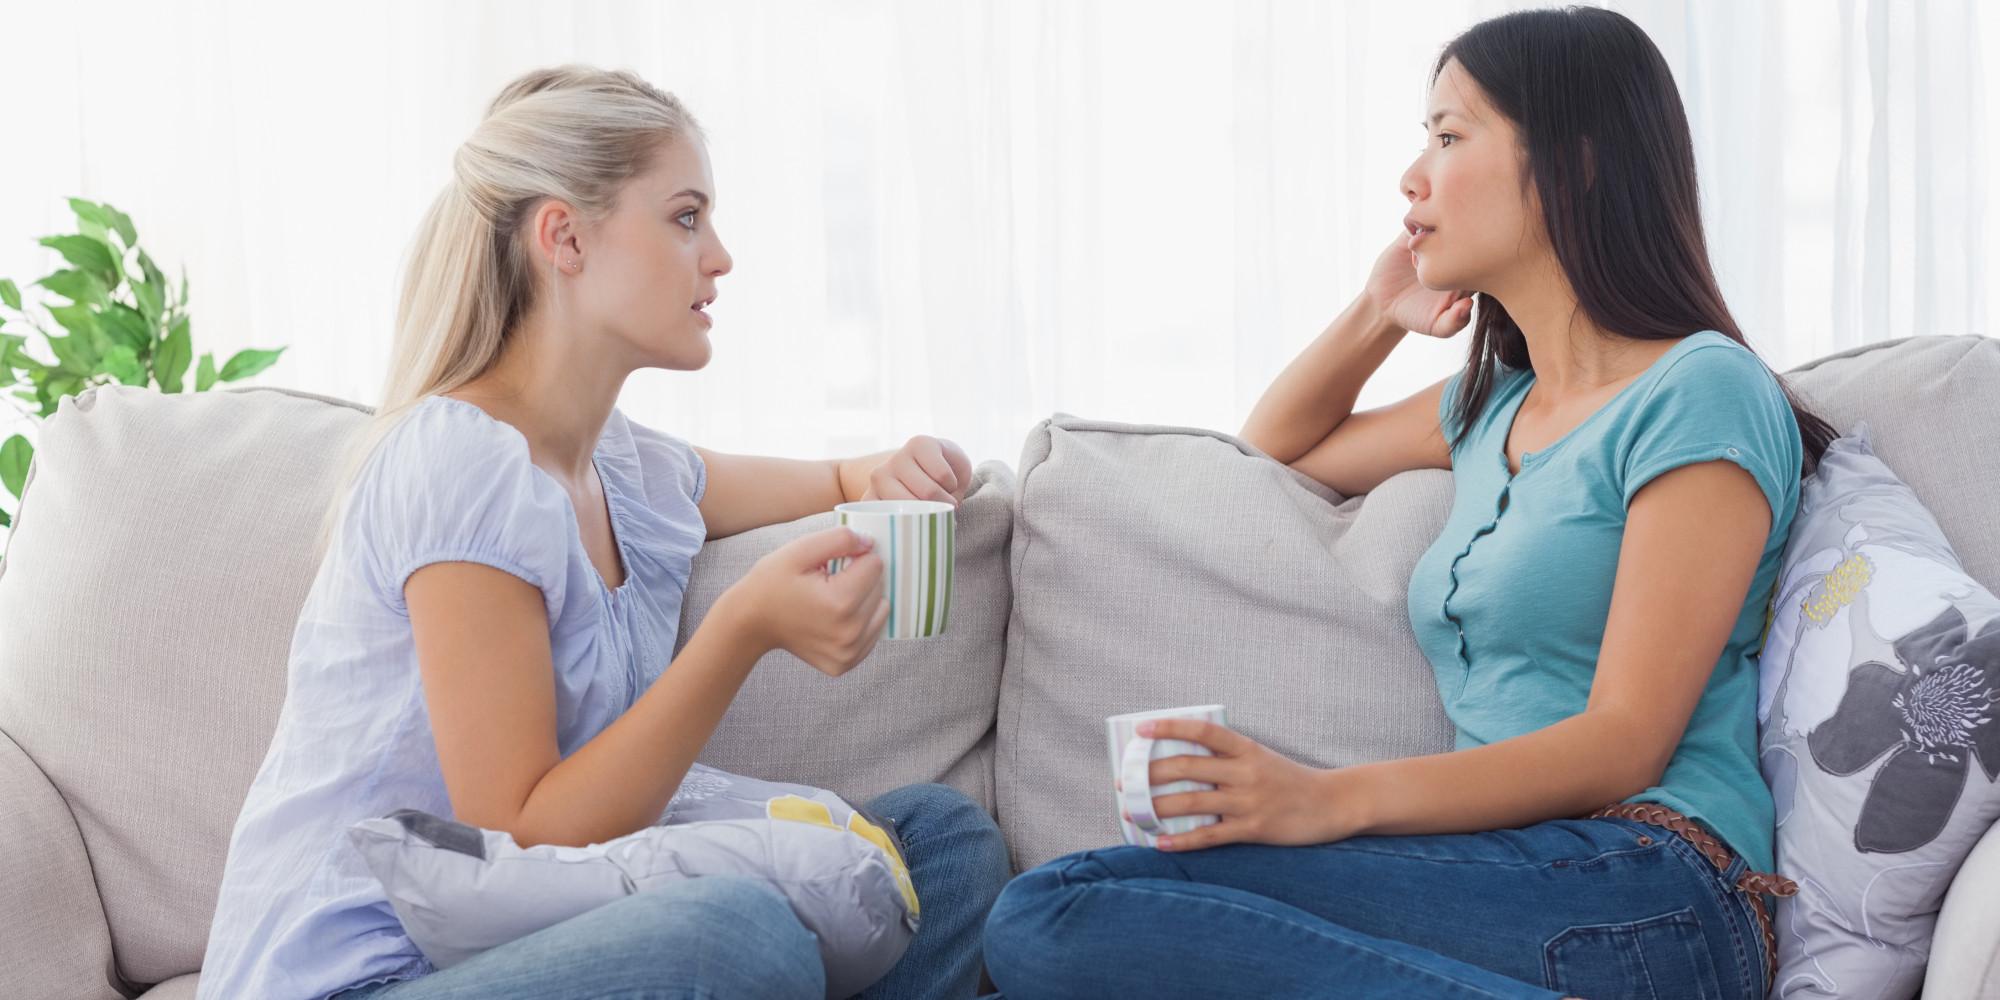 o TWO WOMEN DISCUSSION facebook - Lakukan 15 Kebiasaan Kecil Ini Untuk Menjadi Wanita yang Semakin Baik dan Teratur